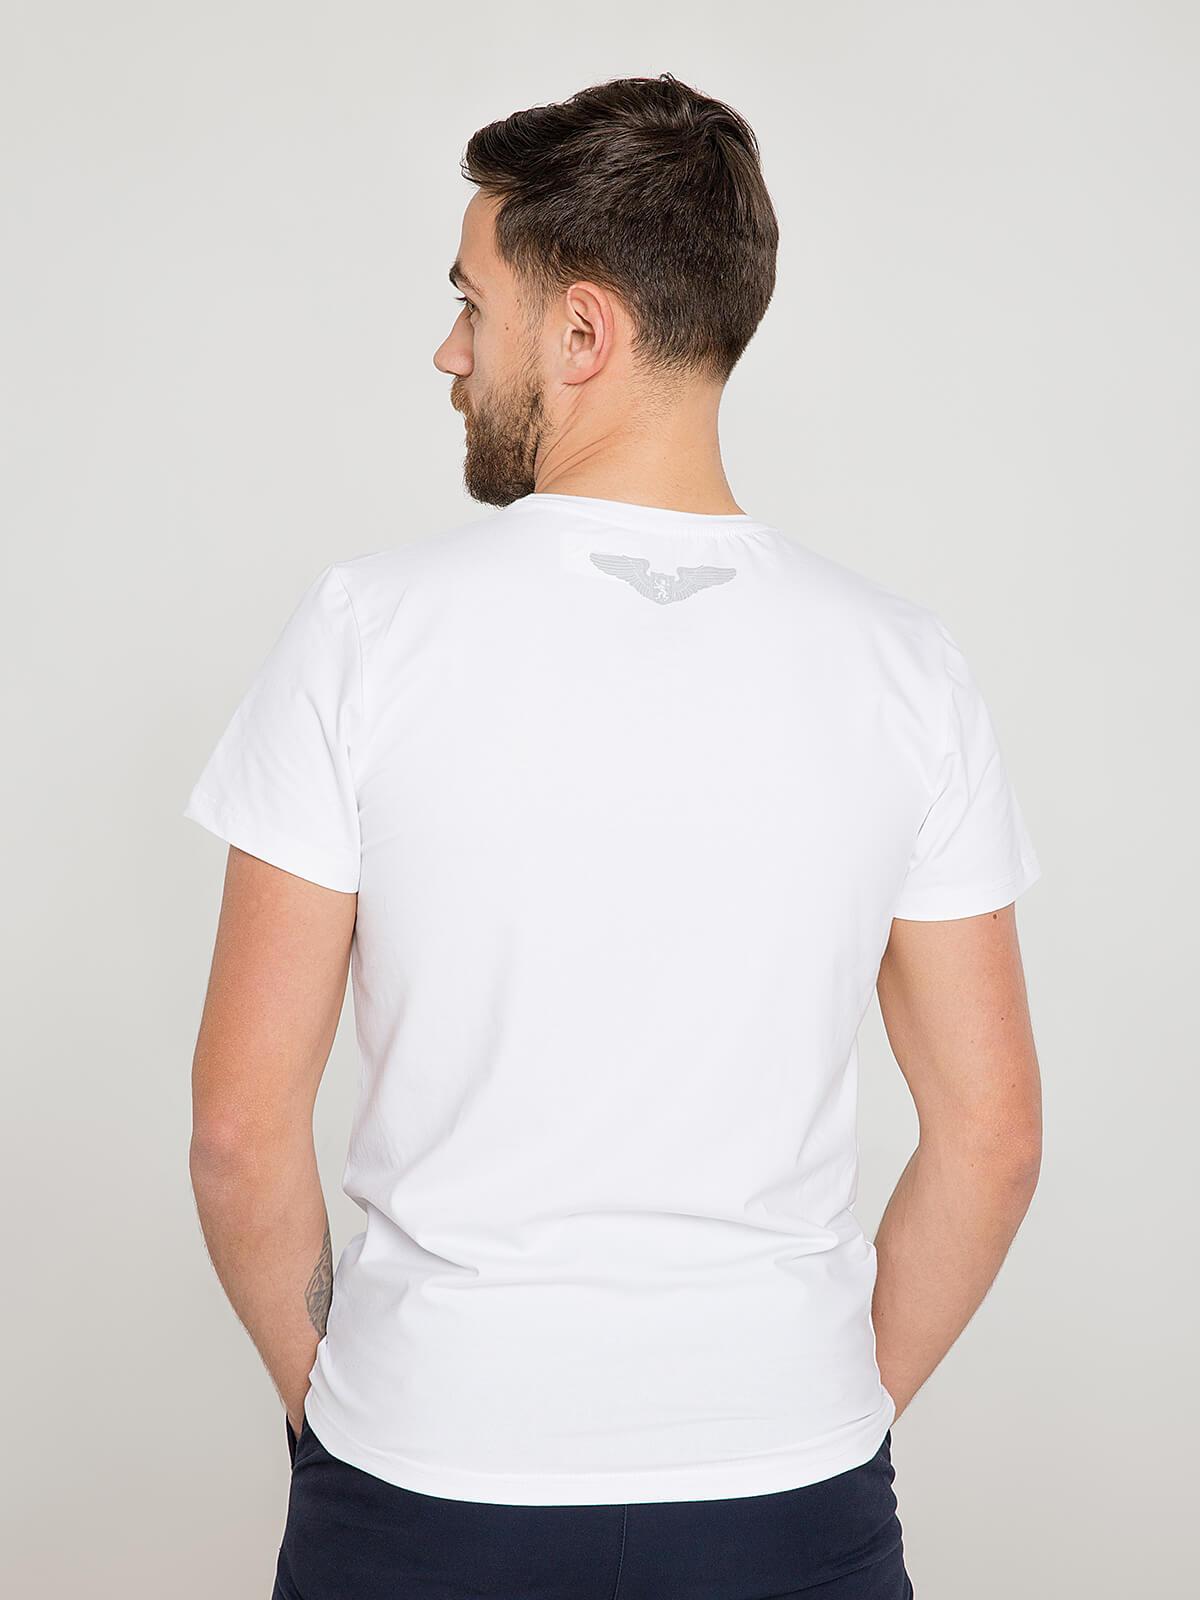 Чоловіча Футболка Syla. Колір білий.  Матеріал: 95% бавовна, 5% спандекс.